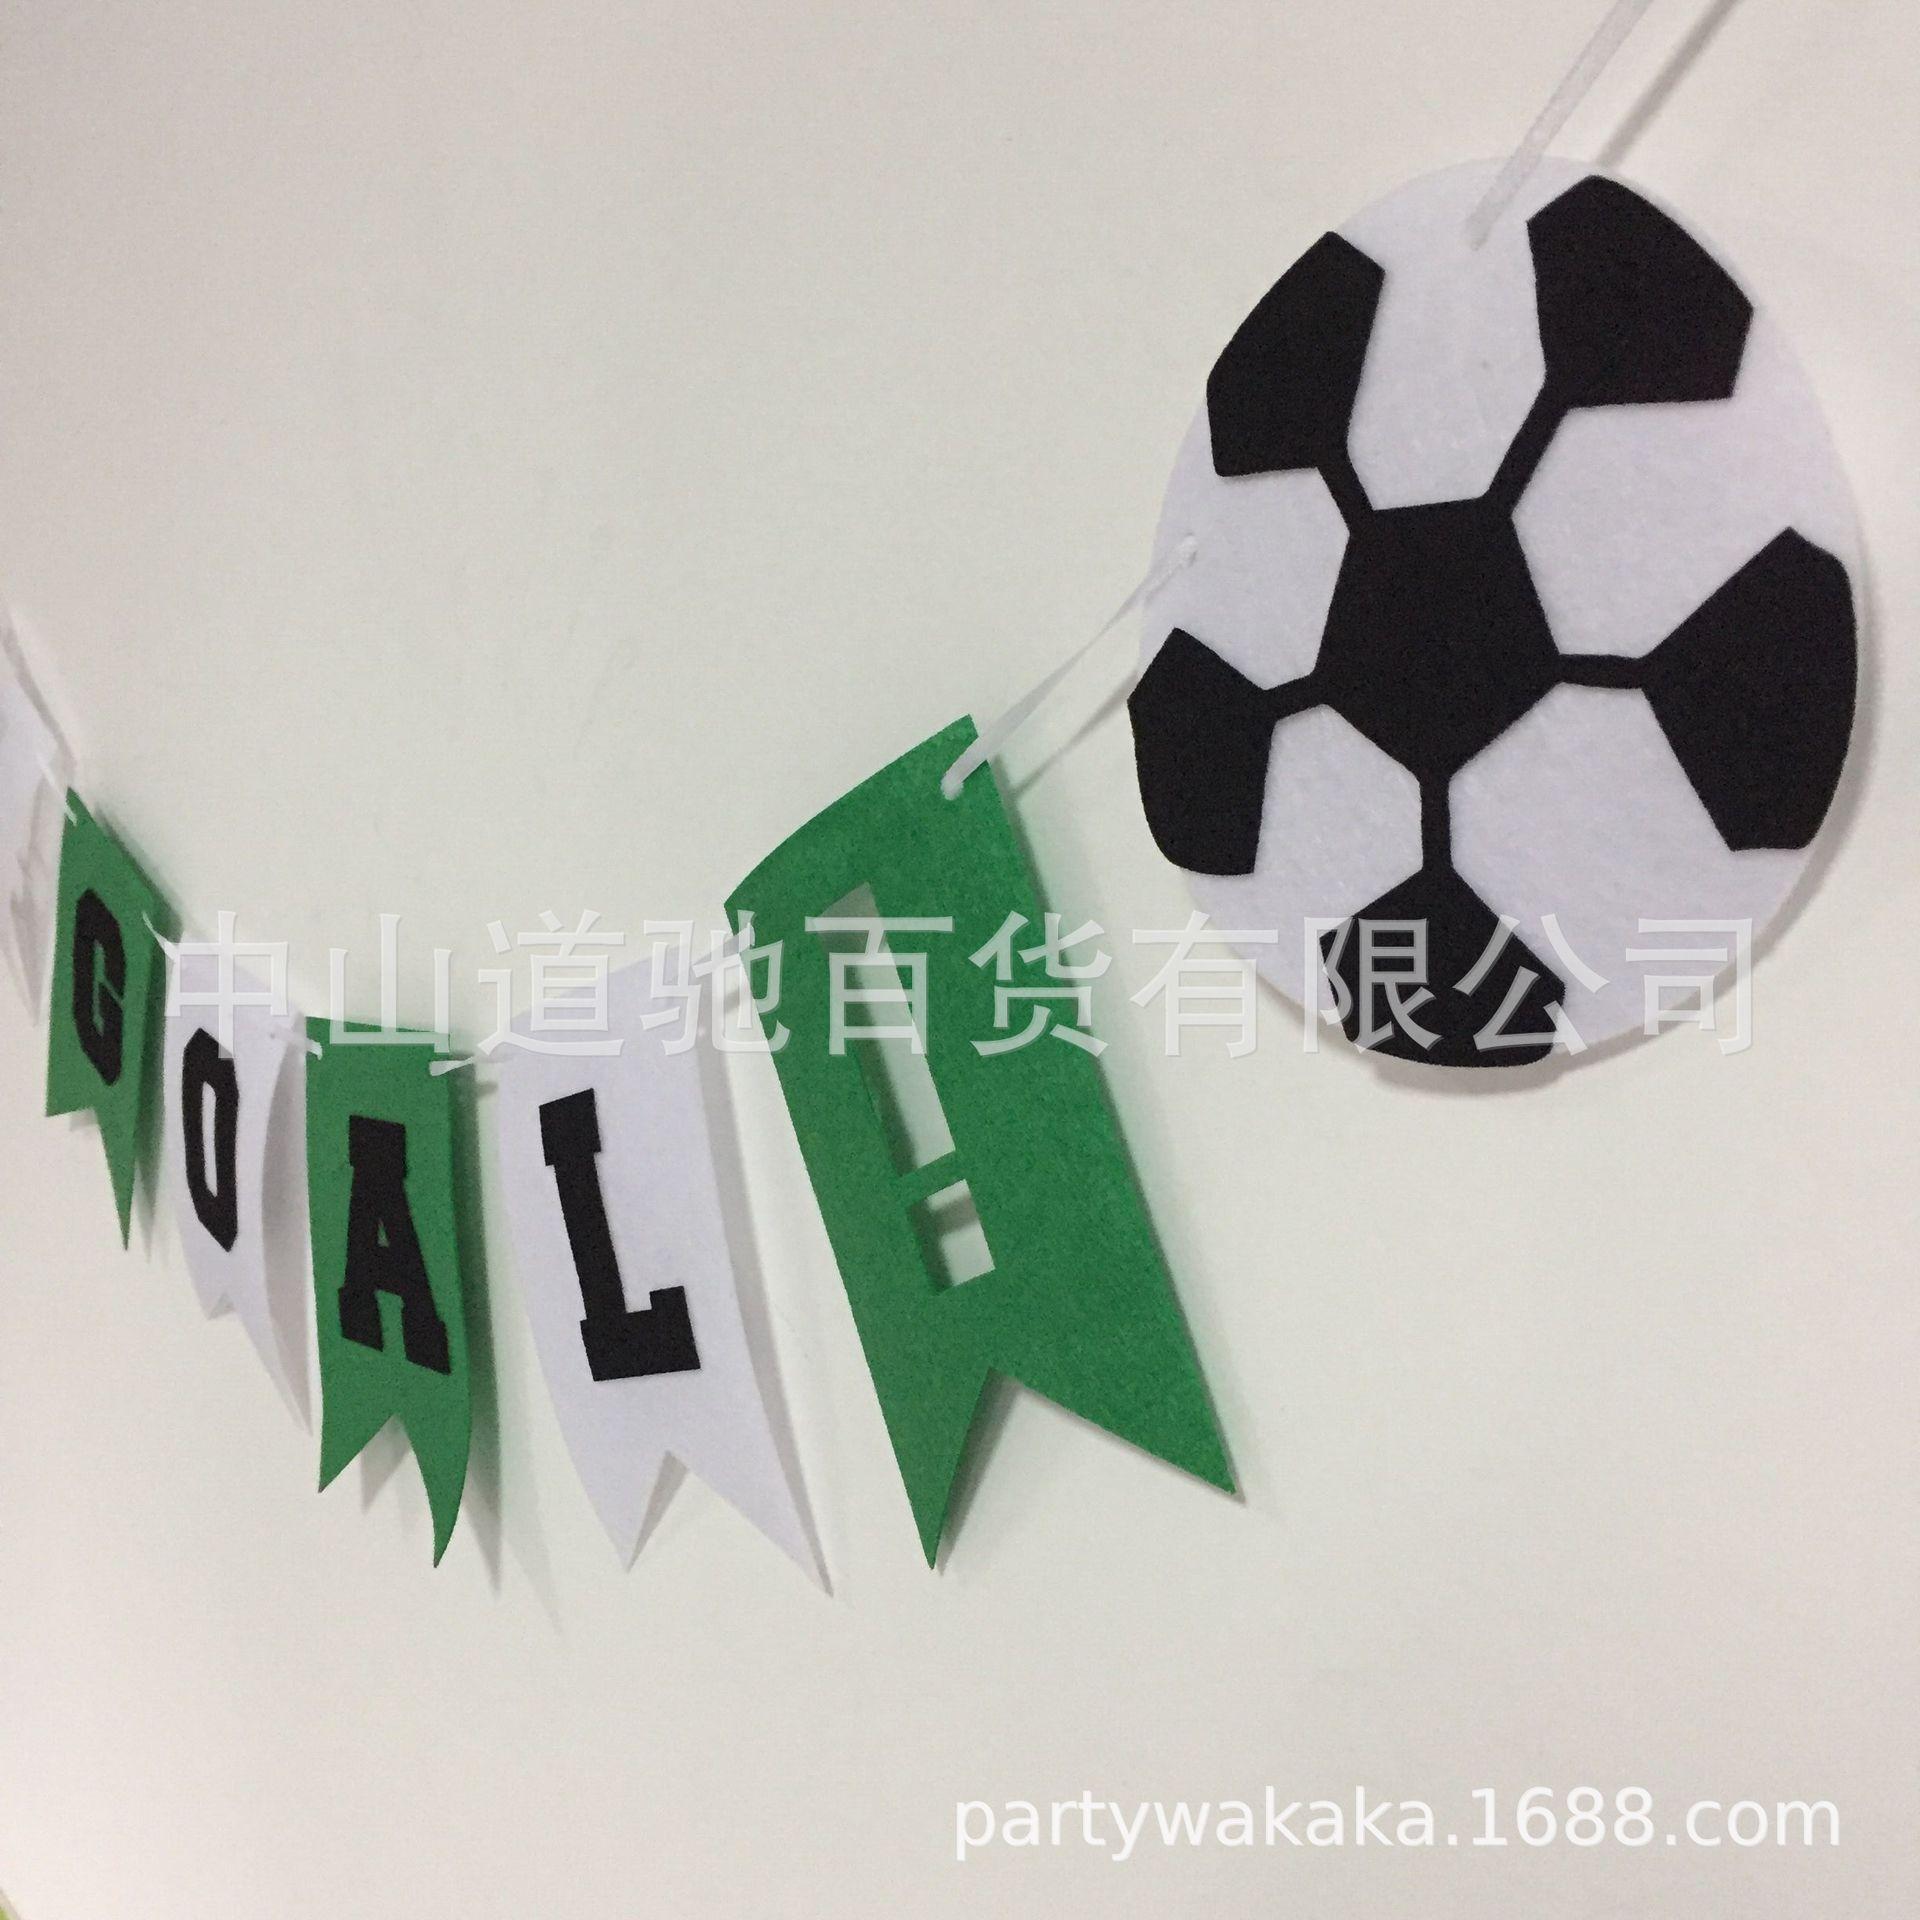 足球主题派对装饰世界杯彩旗拉花拍照道具 soccer banner